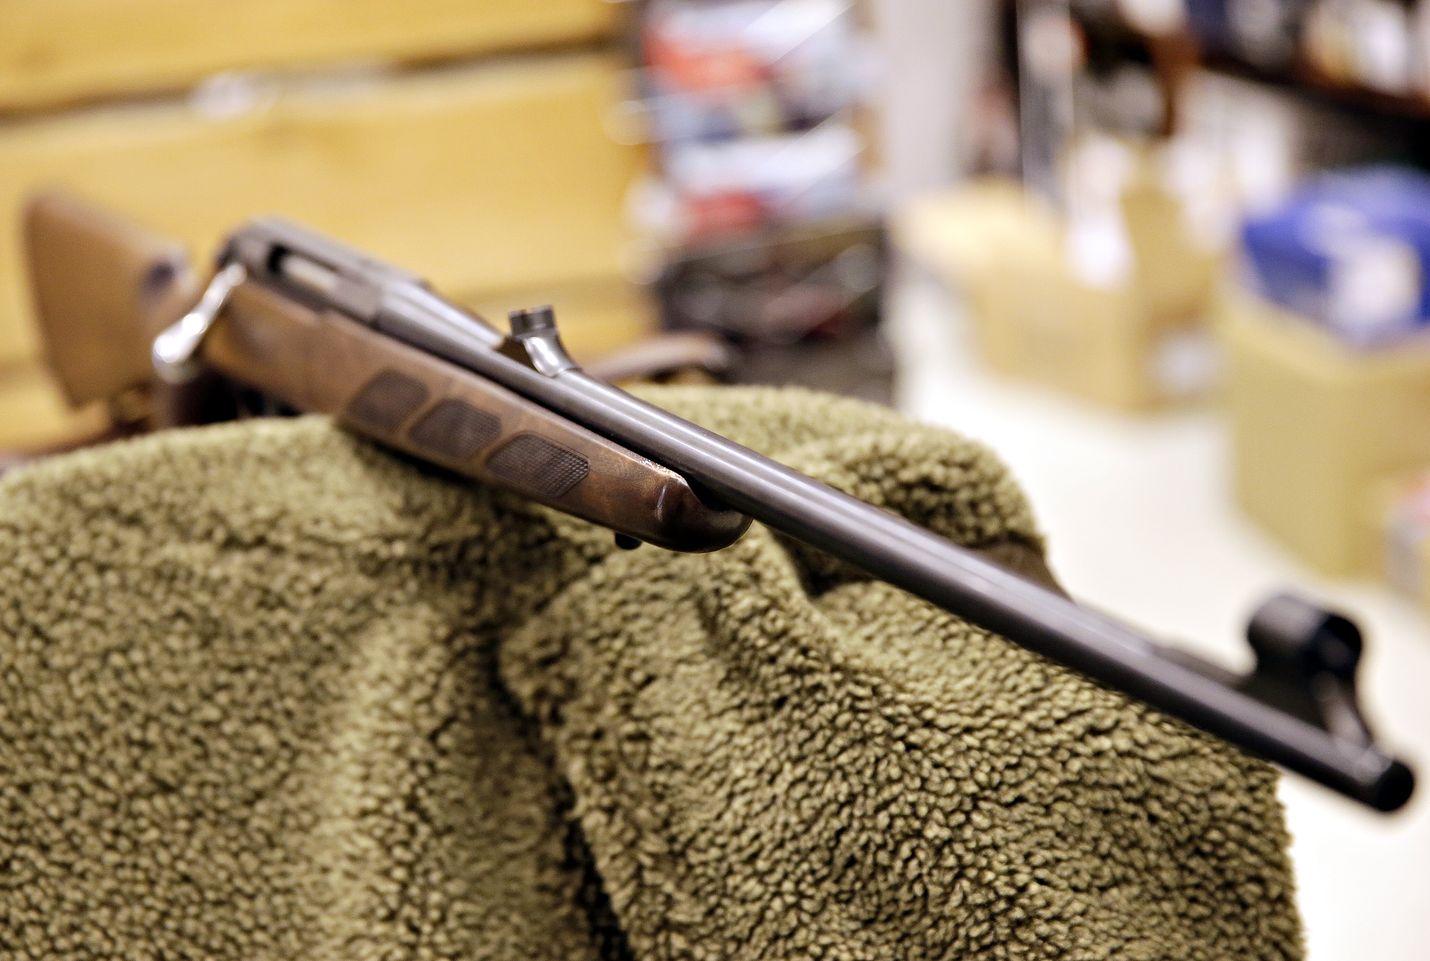 Kivääriä käytetään yleensä riistalintujen ja jäniksen metsästyksessä, mutta se soveltuu myös ketun ja metsäkauriin pyyntiin.